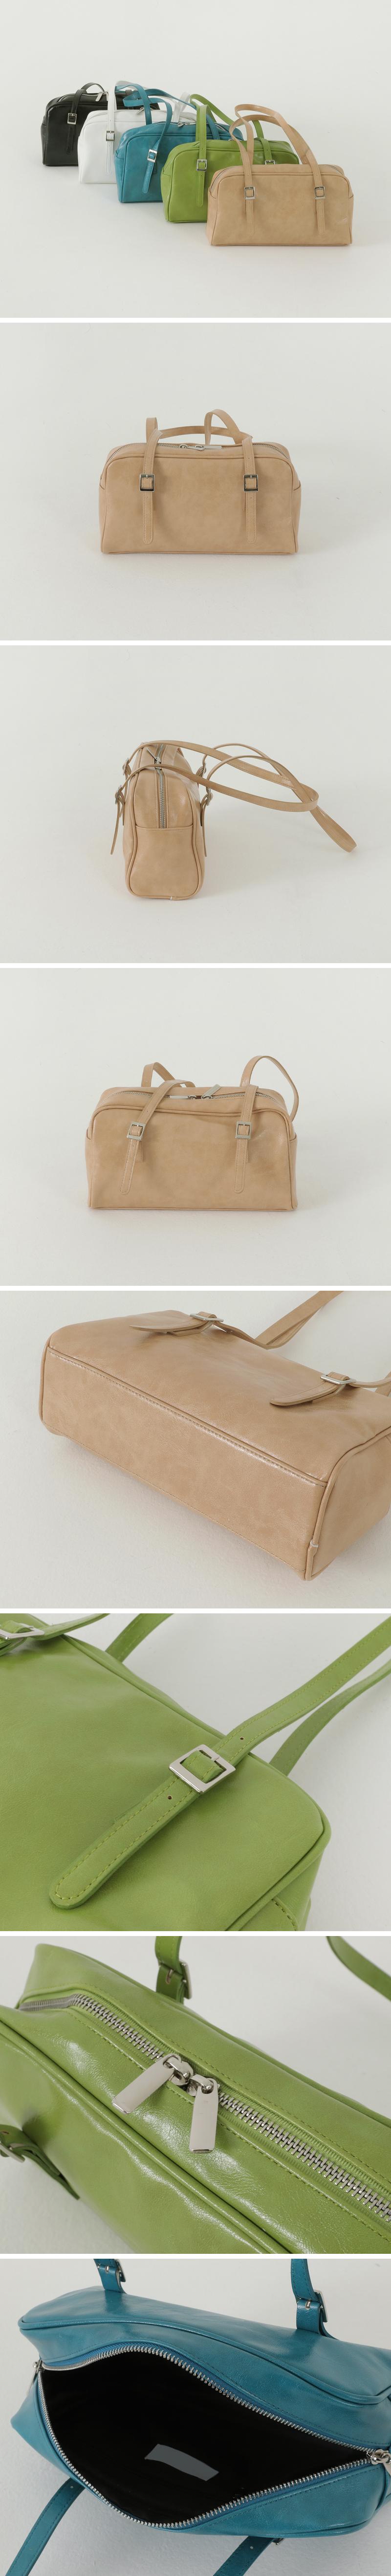 Glow Square Tote & Shoulder Bag